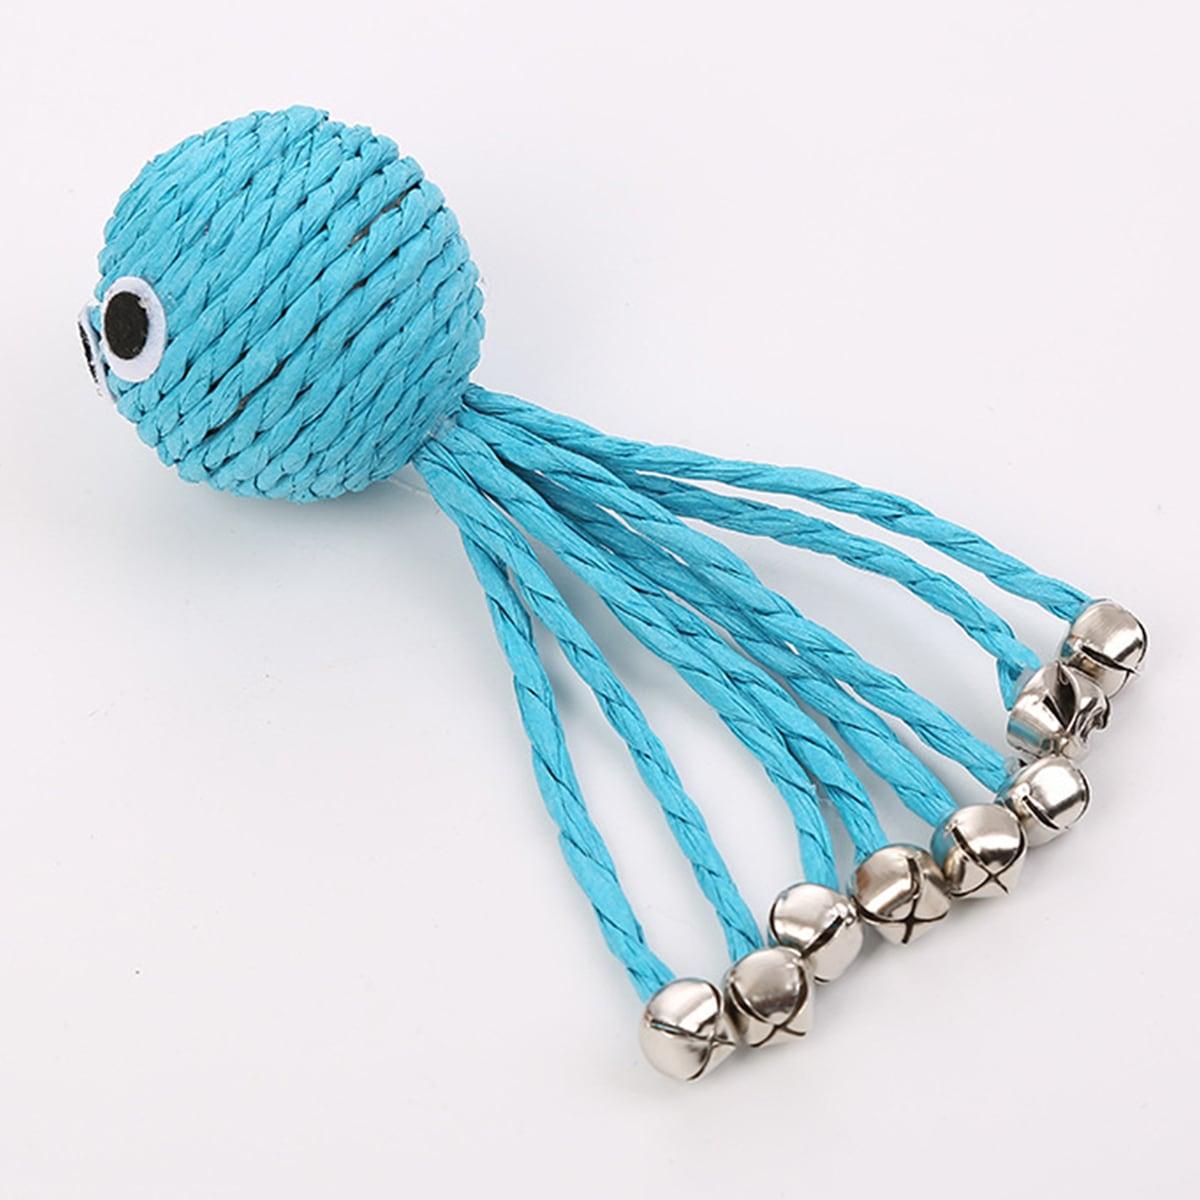 1 Stück Tintenfisch förmiges Spielzeug für Katzen mit Klingel